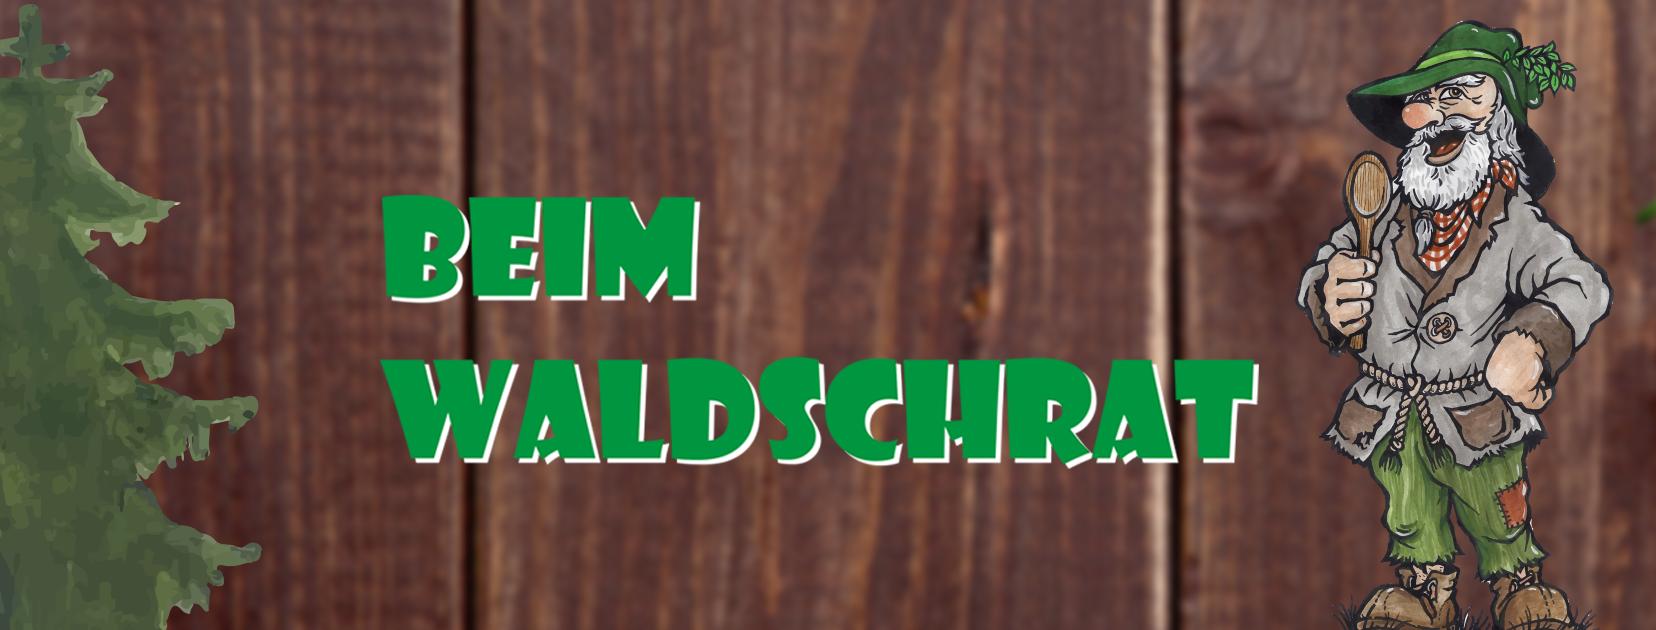 Feedback abgeben | Beim Waldschrat Oberhof